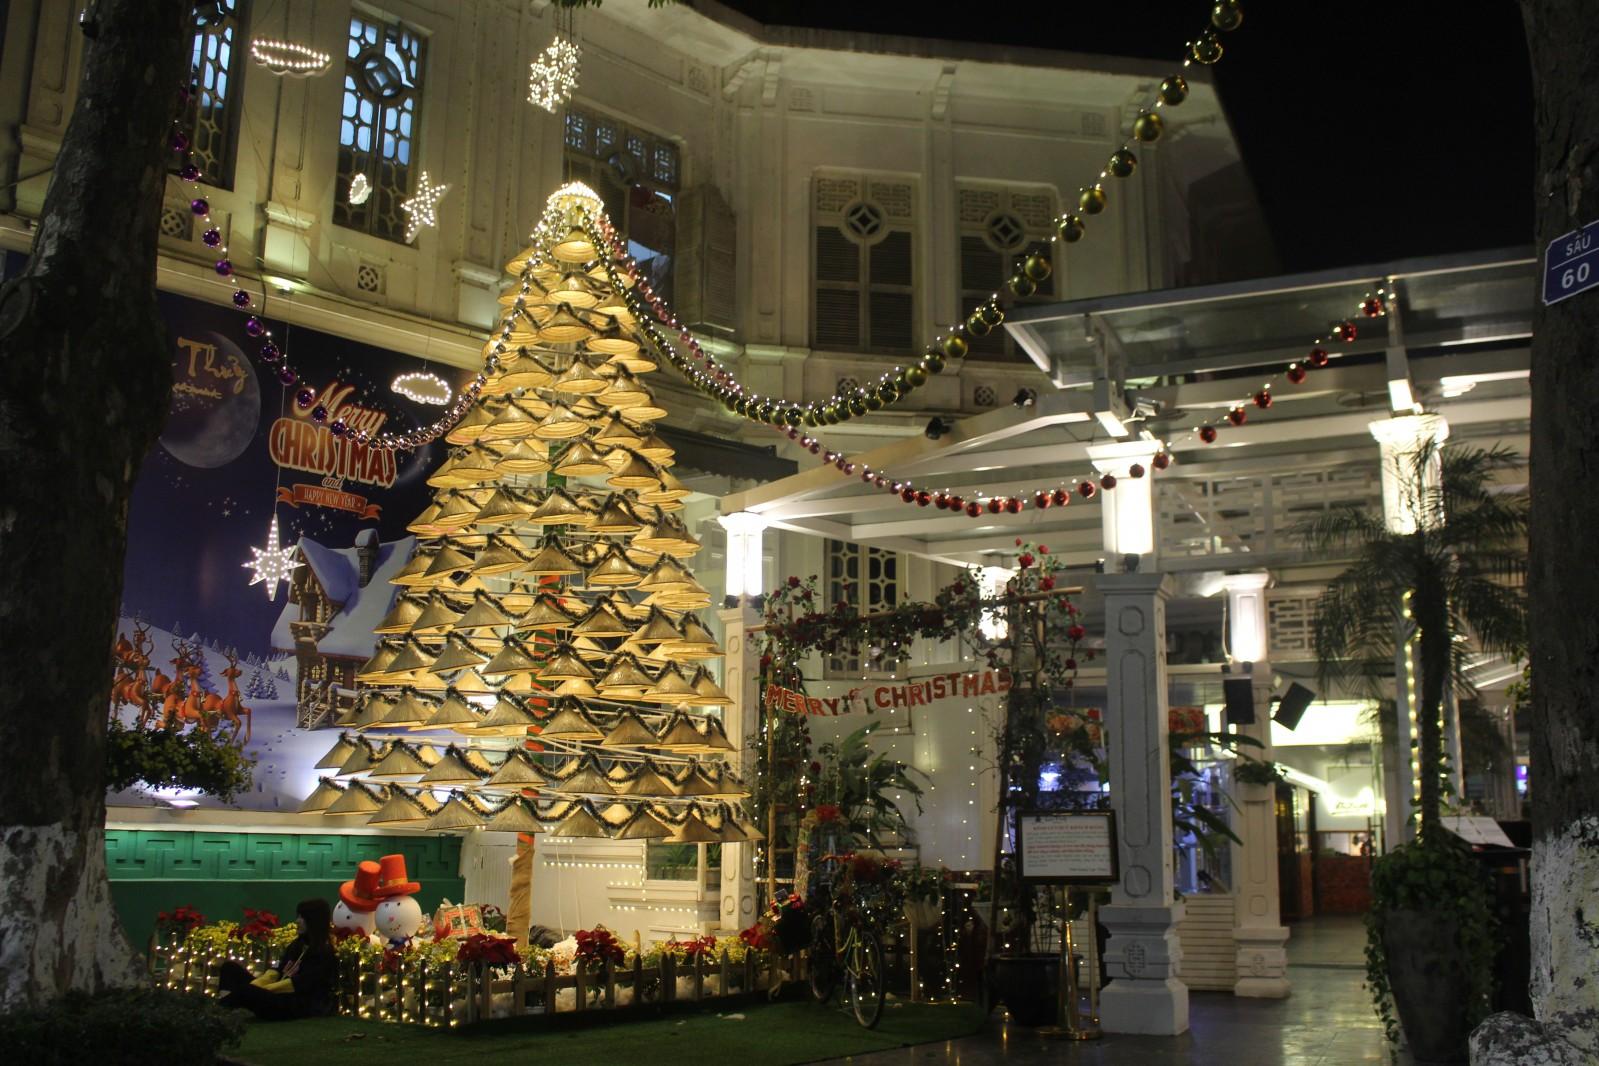 Không gian văn hóa Việt - Lục Thủy ( 16 Lê Thái Tổ, Hoàn Kiếm, Hà Nội )p/chọn cách trang trí cây thông rất Việt với tầng tầng những chiếc nón lá xếp thành cây